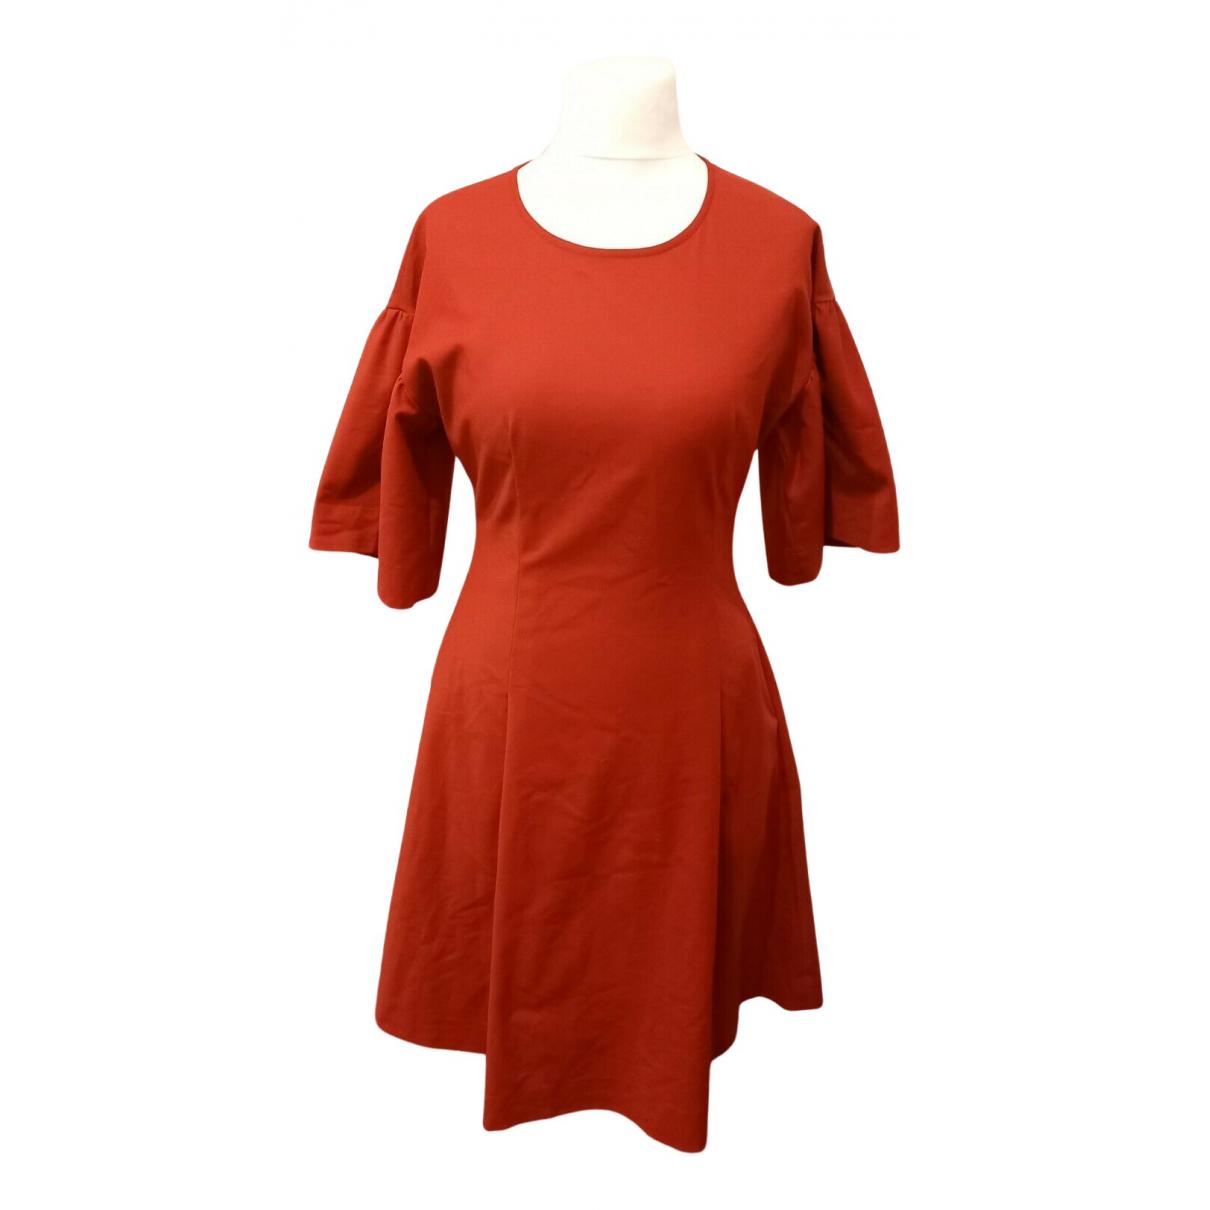 Rejina Pyo \N Kleid in  Rot Baumwolle